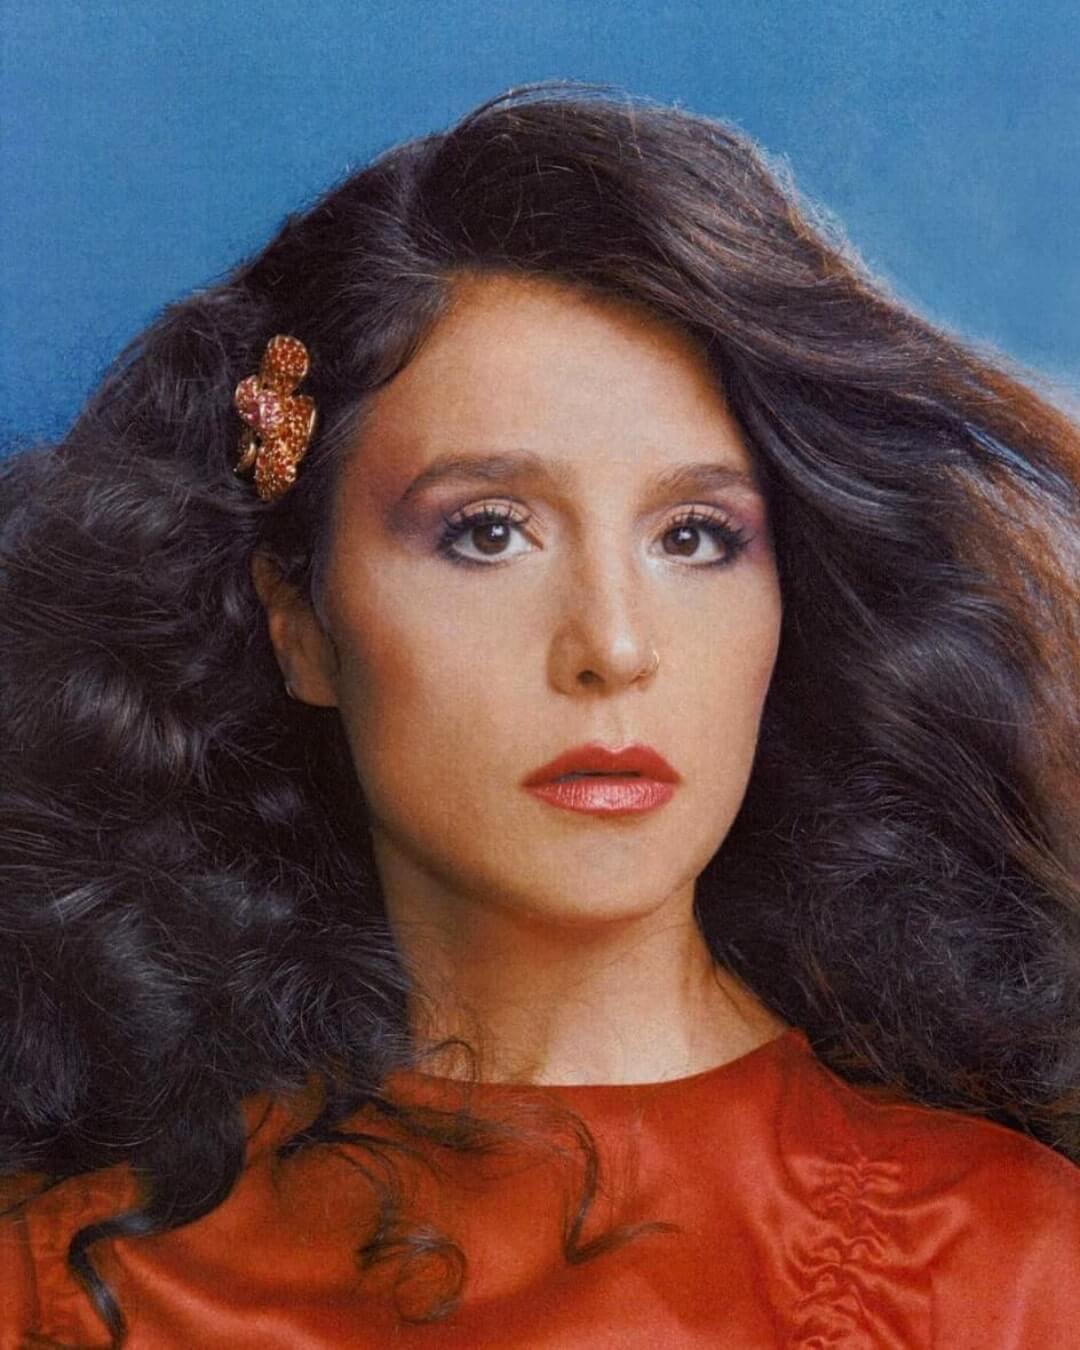 6 lanzamientos recientes que debes escuchar: Jessie Ware + Hayley Kiyoko + José González y más